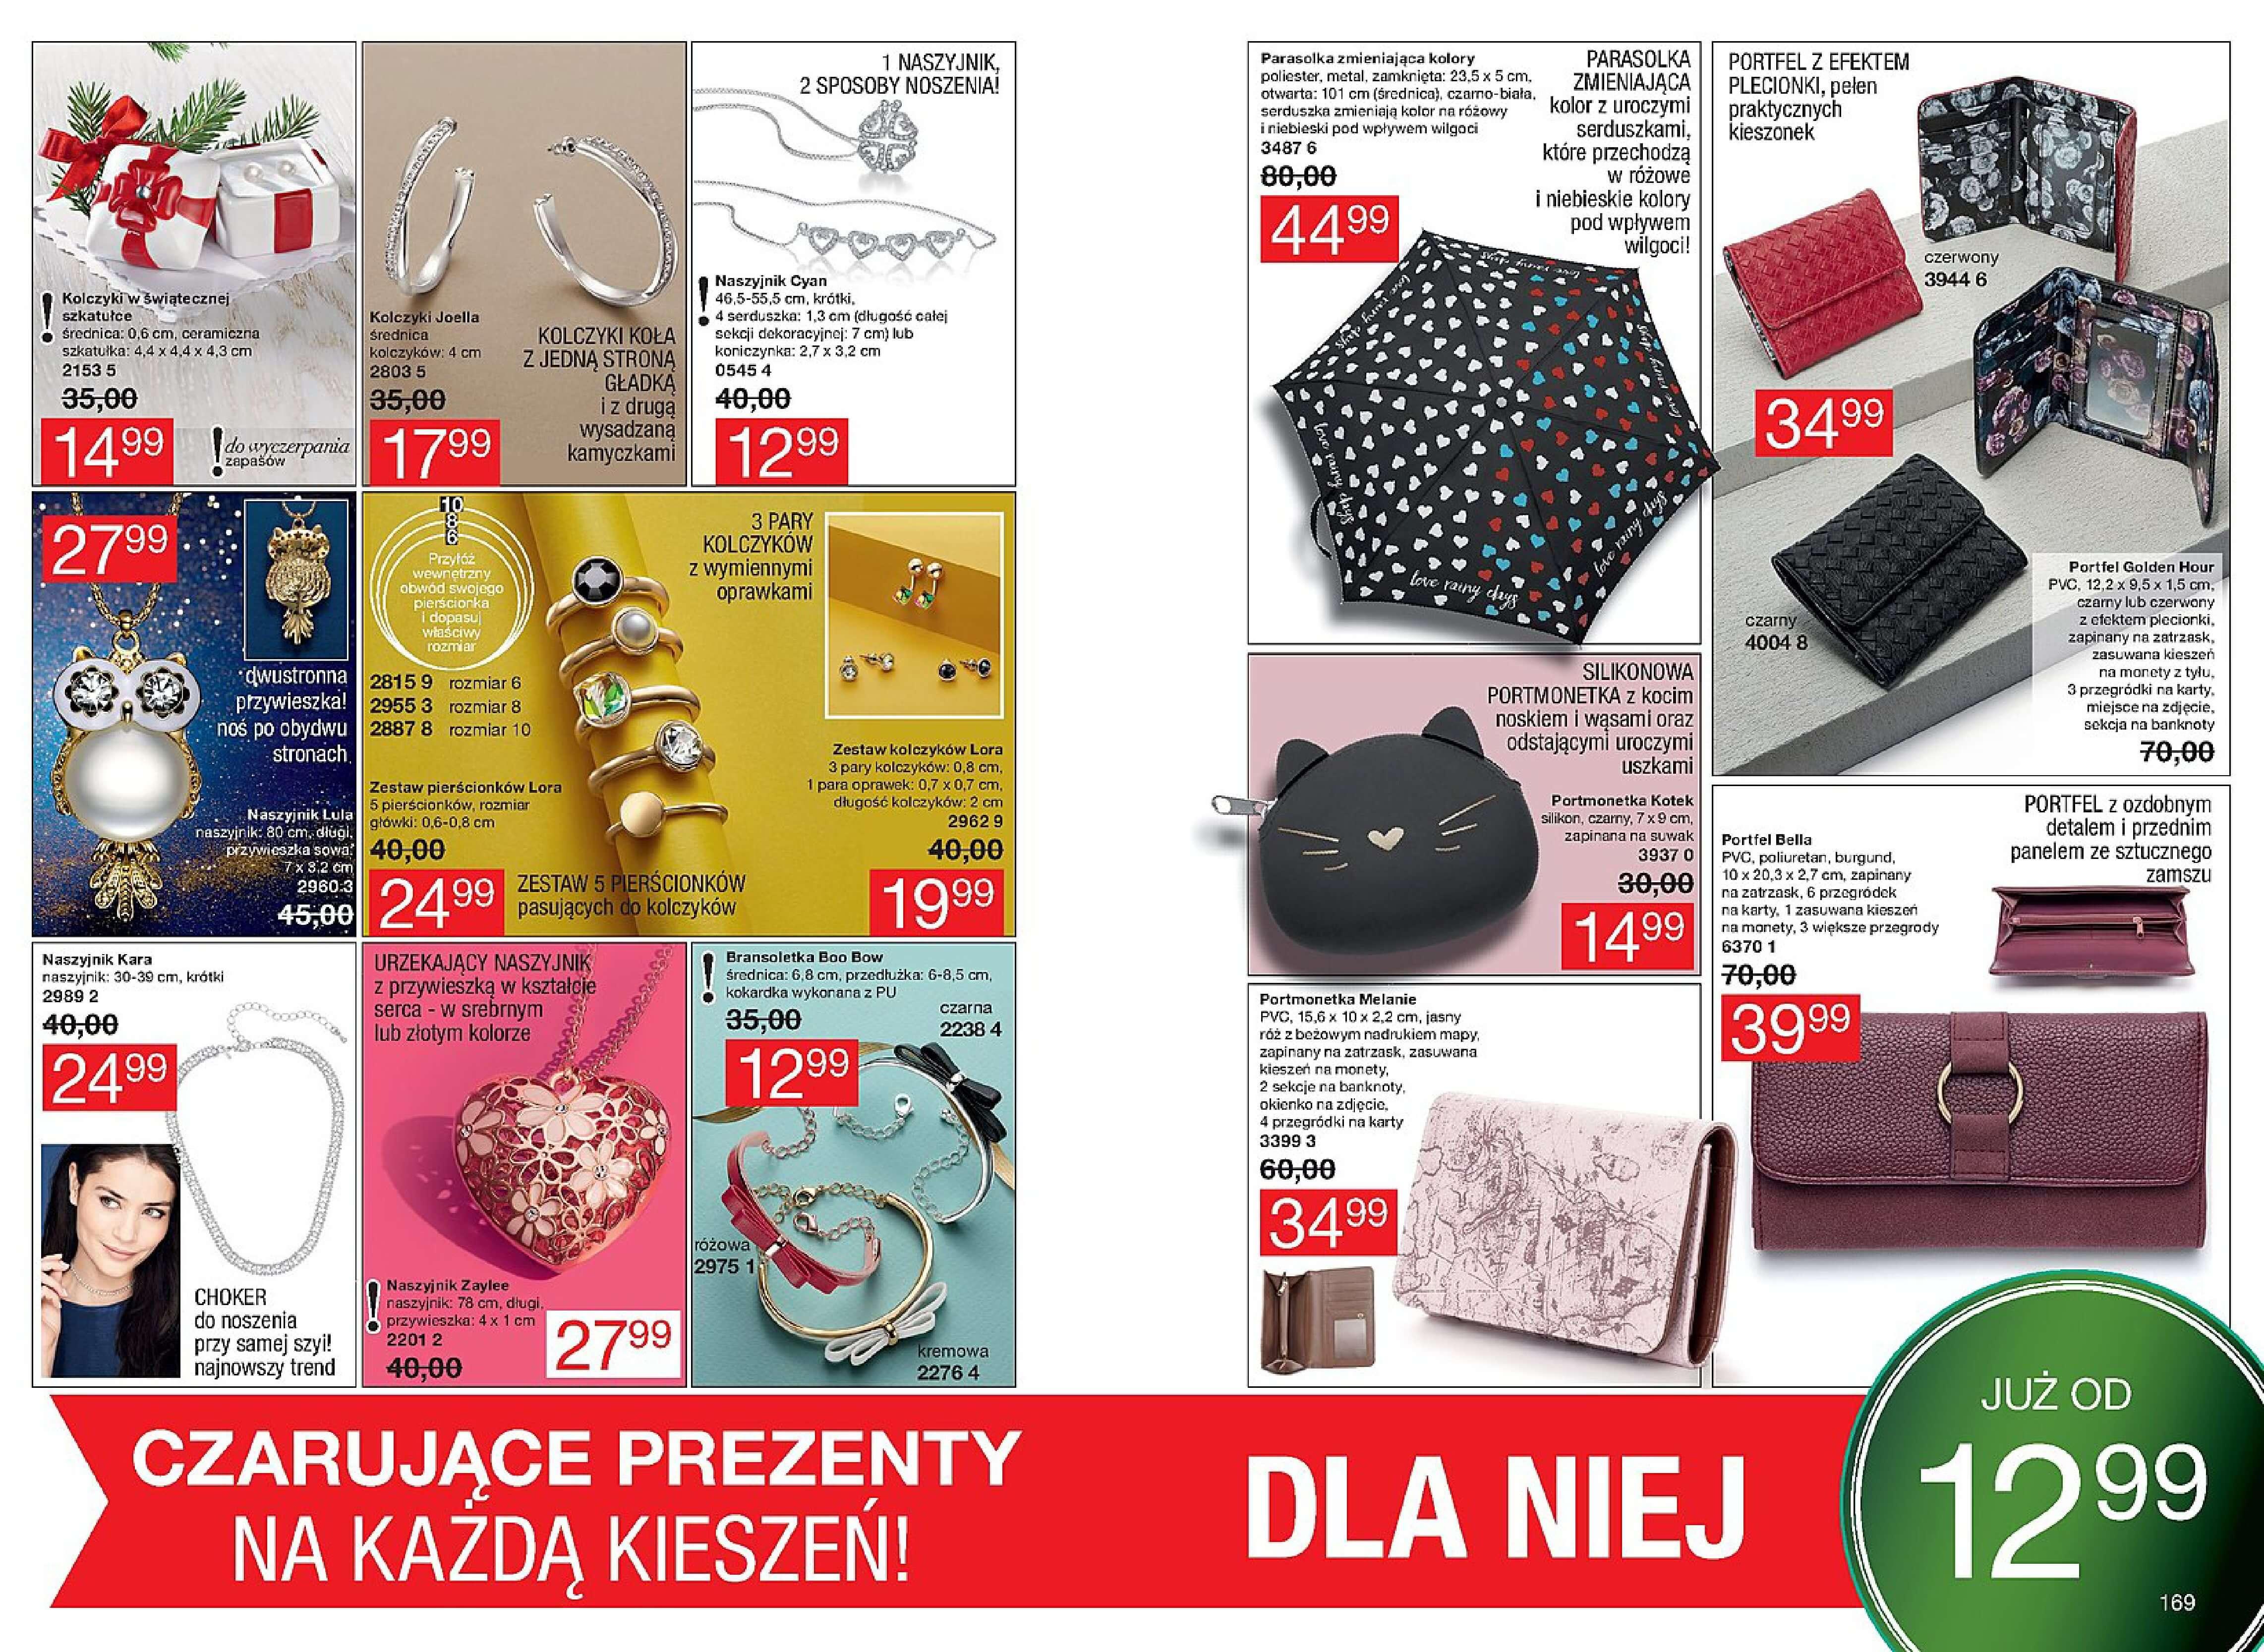 Gazetka Avon - Katalog 17/2017 Gwiazdka-29.11.2017-27.12.2017-page-85